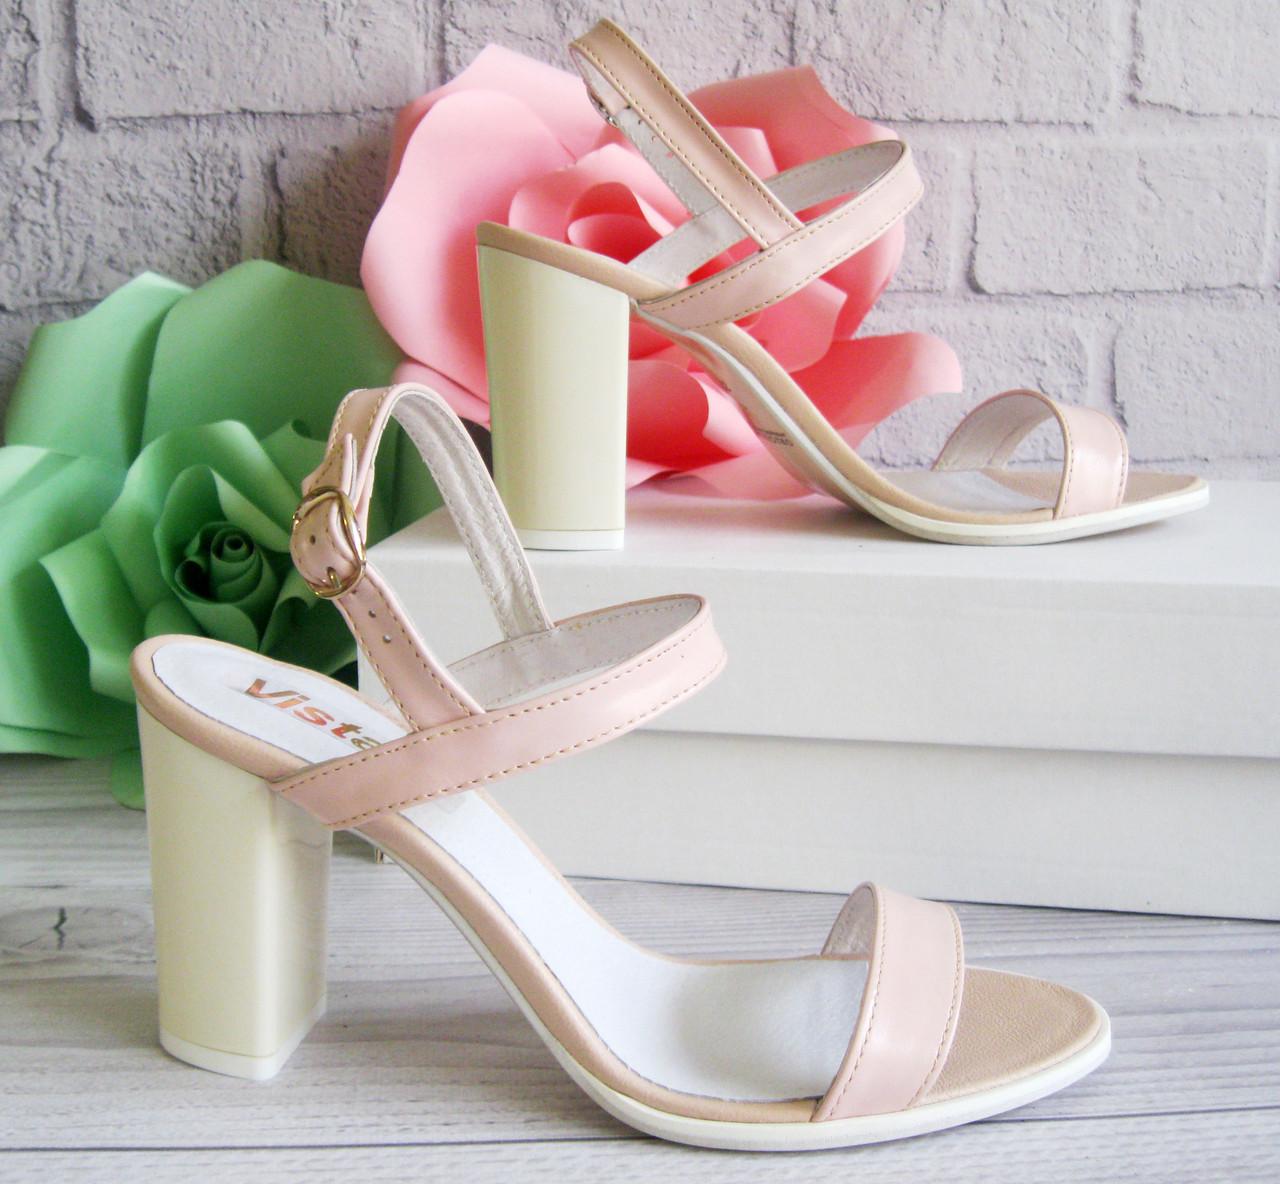 Женские босоножки на каблуке, цвет пудра